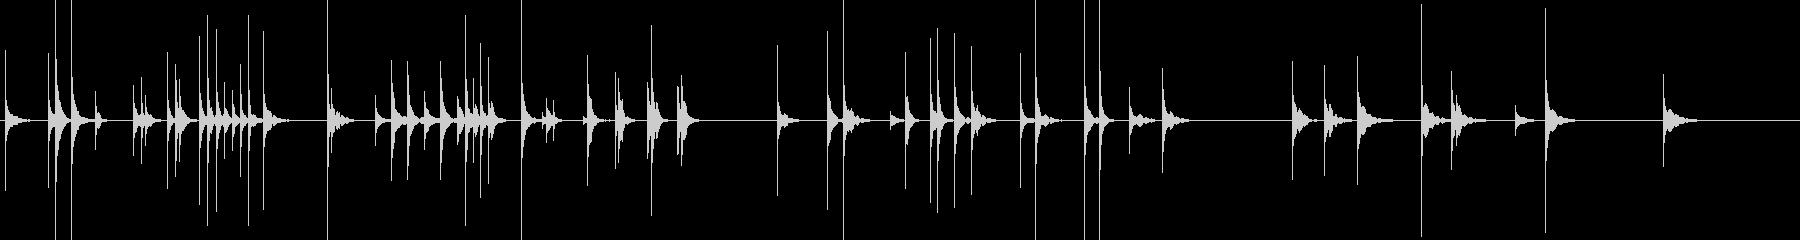 フレクサトーン3お化けコメディコント気持の未再生の波形